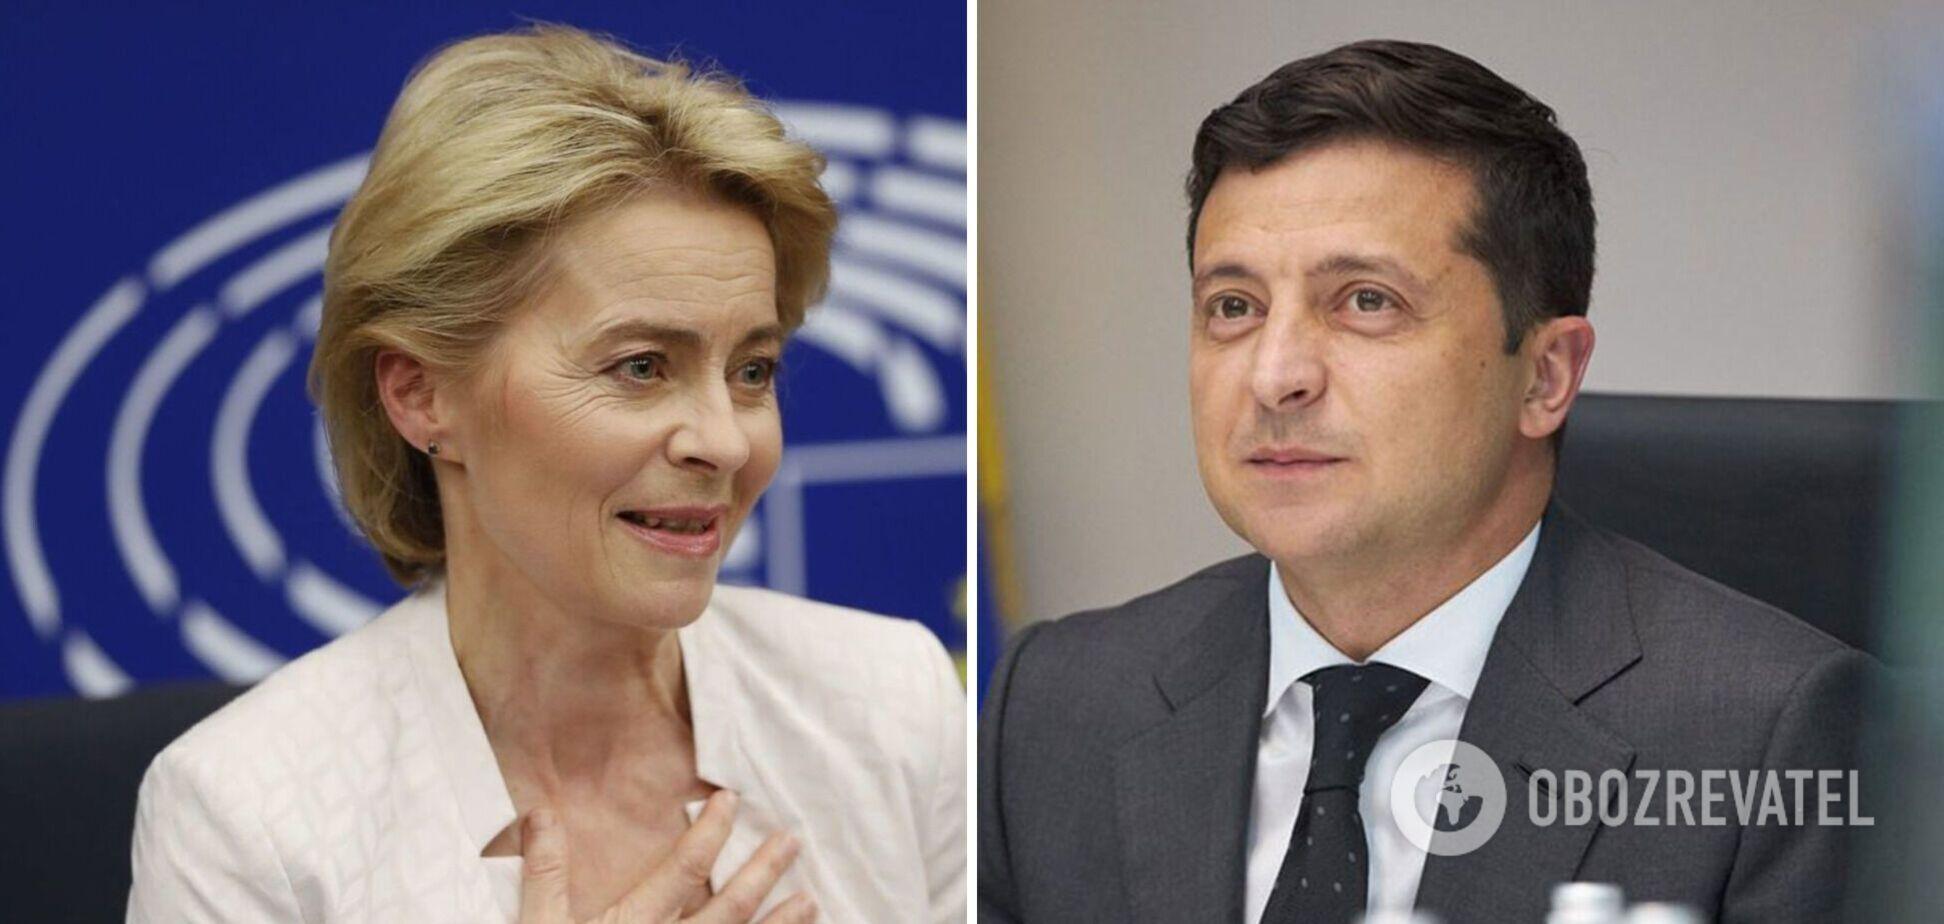 После разговора с Зеленским Еврокомиссия выделила Украине 25,4 млн евро